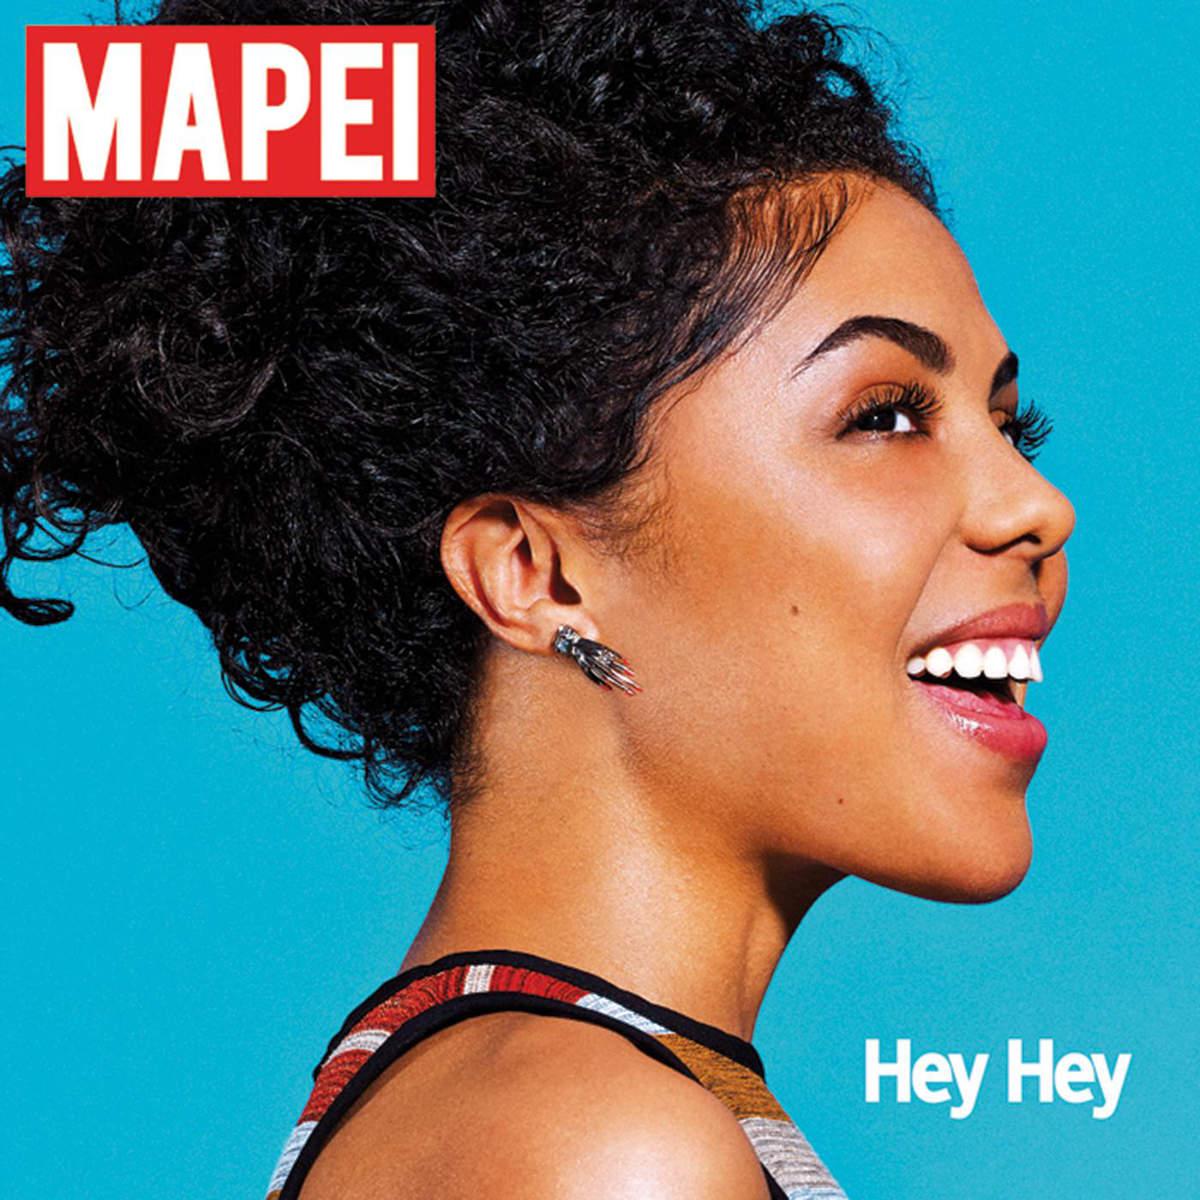 Mapei-Hey-Hey-2015-1200x1200